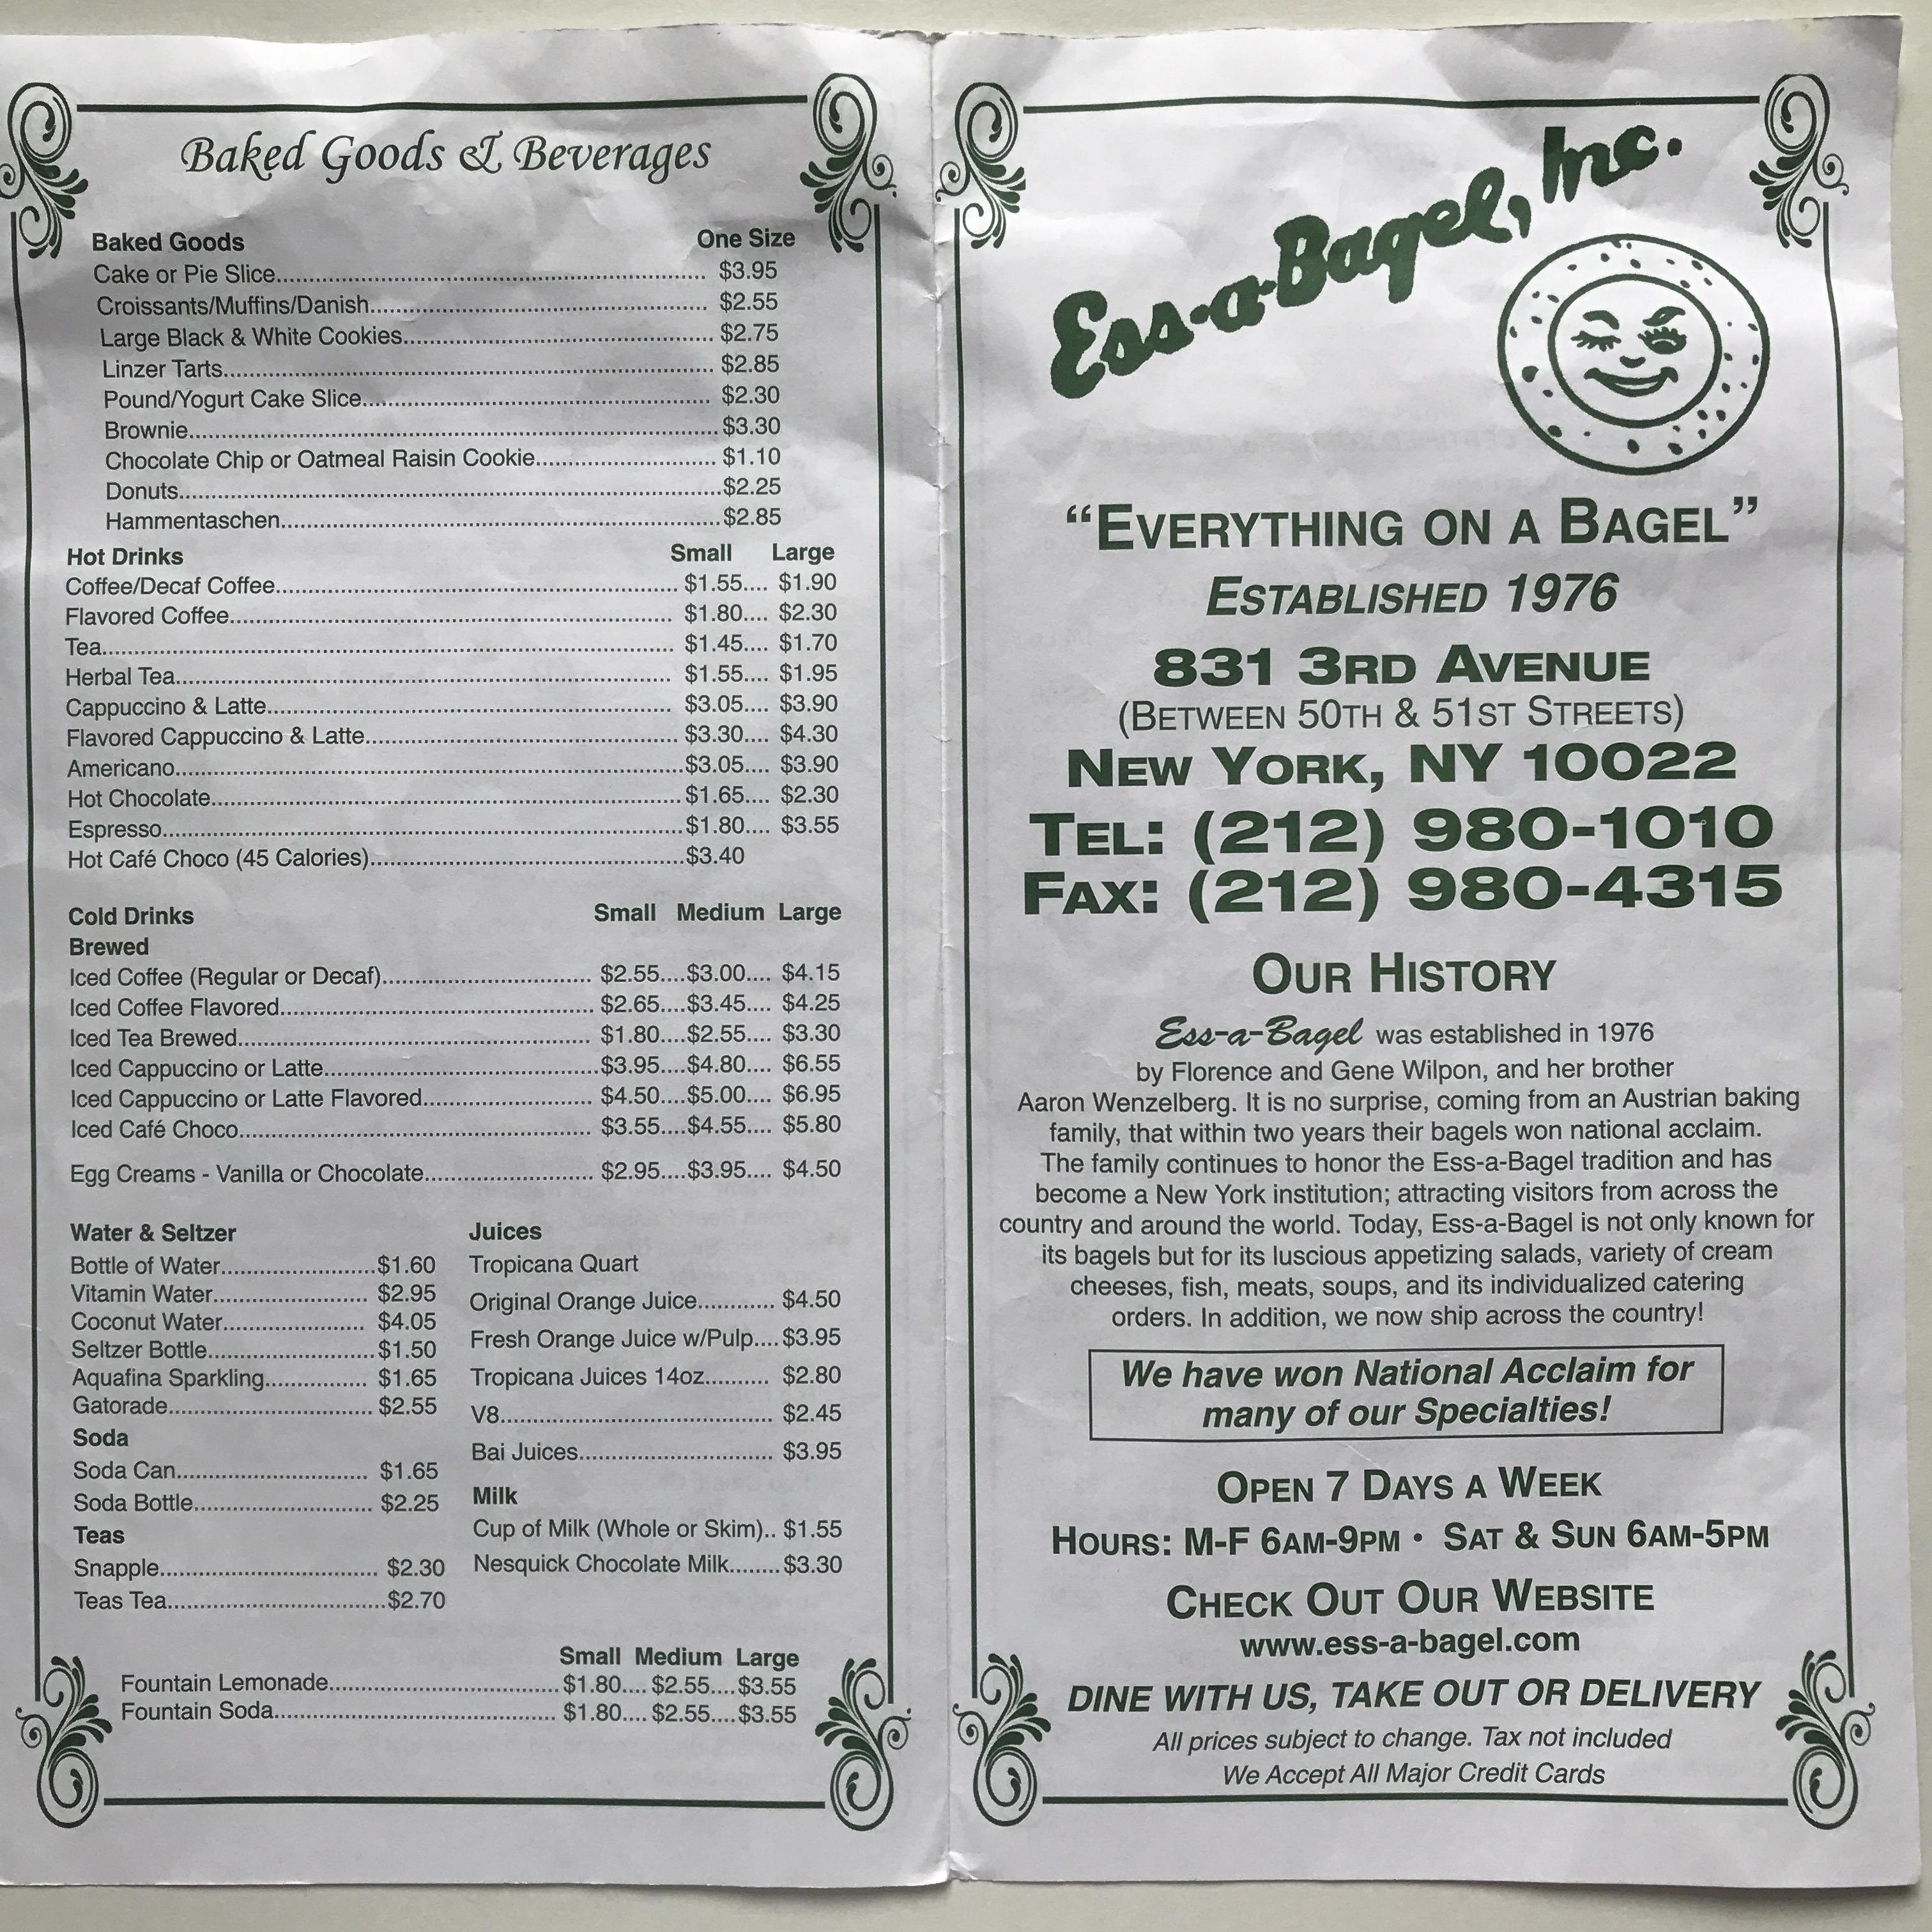 essa-bagel-menu